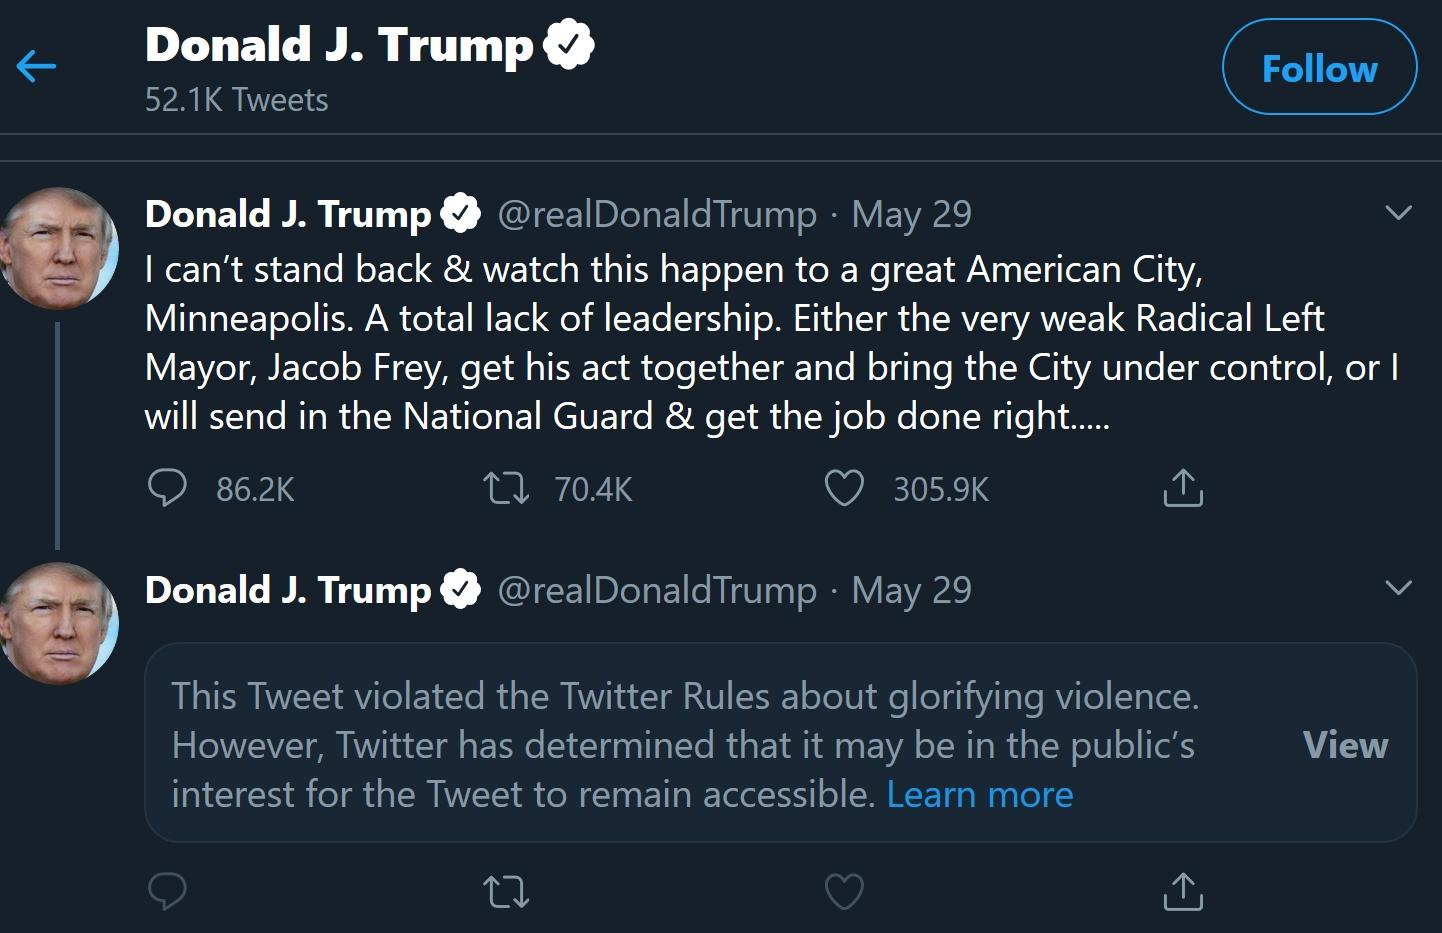 טוויטר מסמנים ציוץ של דונלד טראמפ כמאדיר אלימות